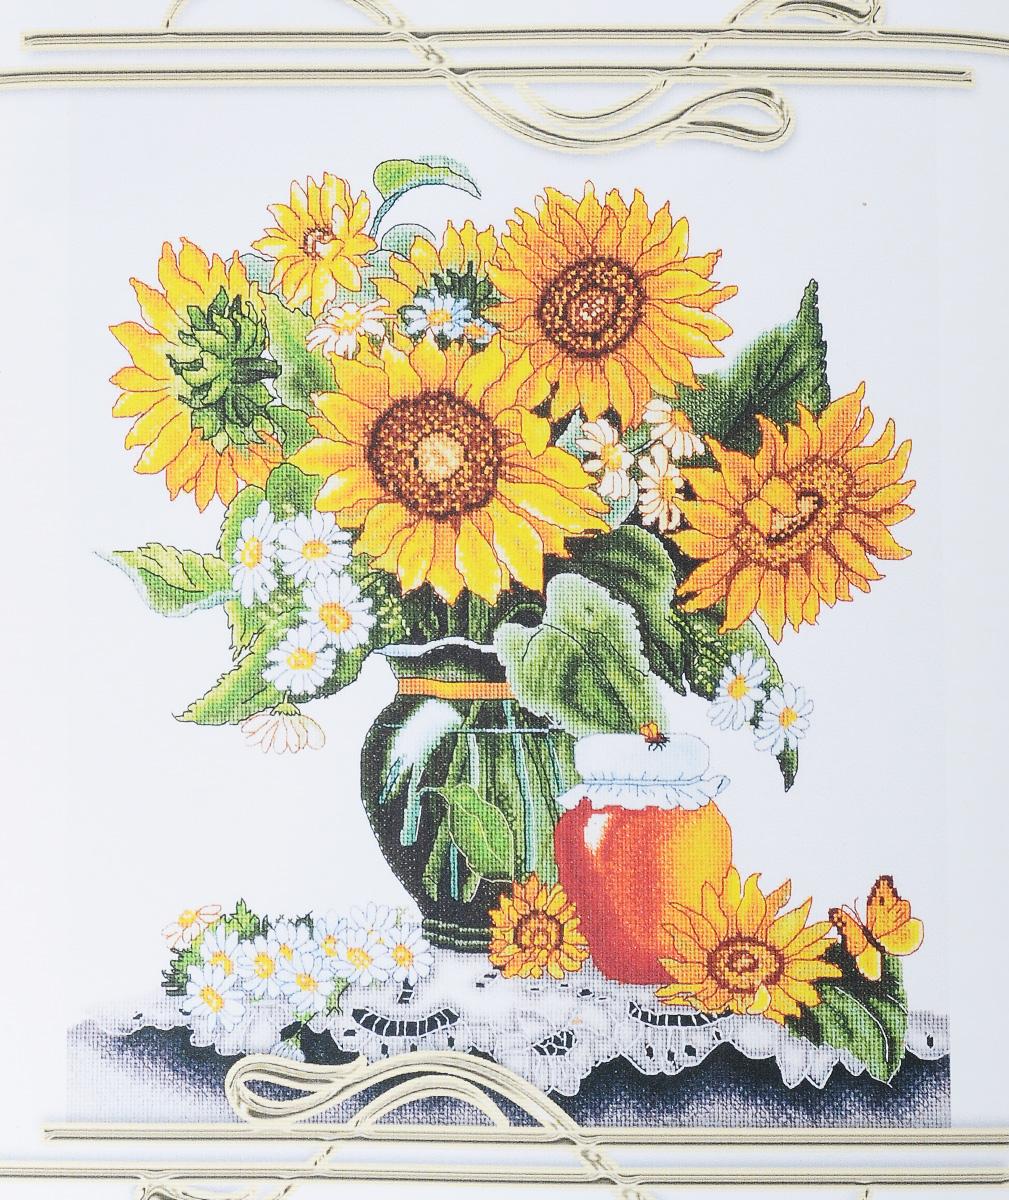 Набор для вышивания крестом Alisena Медовые подсолнухи, 32 х 36 см497030Набор для вышивания крестом Alisena Медовые подсолнухи поможет вам создать свой личный шедевр - красивую картину, вышитую нитками. Красивый и стильный рисунок-вышивка, выполненный на канве, выглядит оригинально и всегда модно. Работа, сделанная своими руками, создаст особый уют и атмосферу в доме и долгие годы будет радовать вас и ваших близких. В наборе есть все необходимое для создания вышивки на канве в технике счетный крест. В набор входит: - канва Аида Zweigart № 16 (белого цвета), - мулине Anchor (39 цветов), - цветная символьная схема, - инструкция на русском языке, - игла. Размер готовой работы: 32 х 36 см. Размер канвы: 46 х 51 см. УВАЖАЕМЫЕ КЛИЕНТЫ! Обращаем ваше внимание, на тот факт, что рамка в комплект не входит, а служит для визуального восприятия товара.